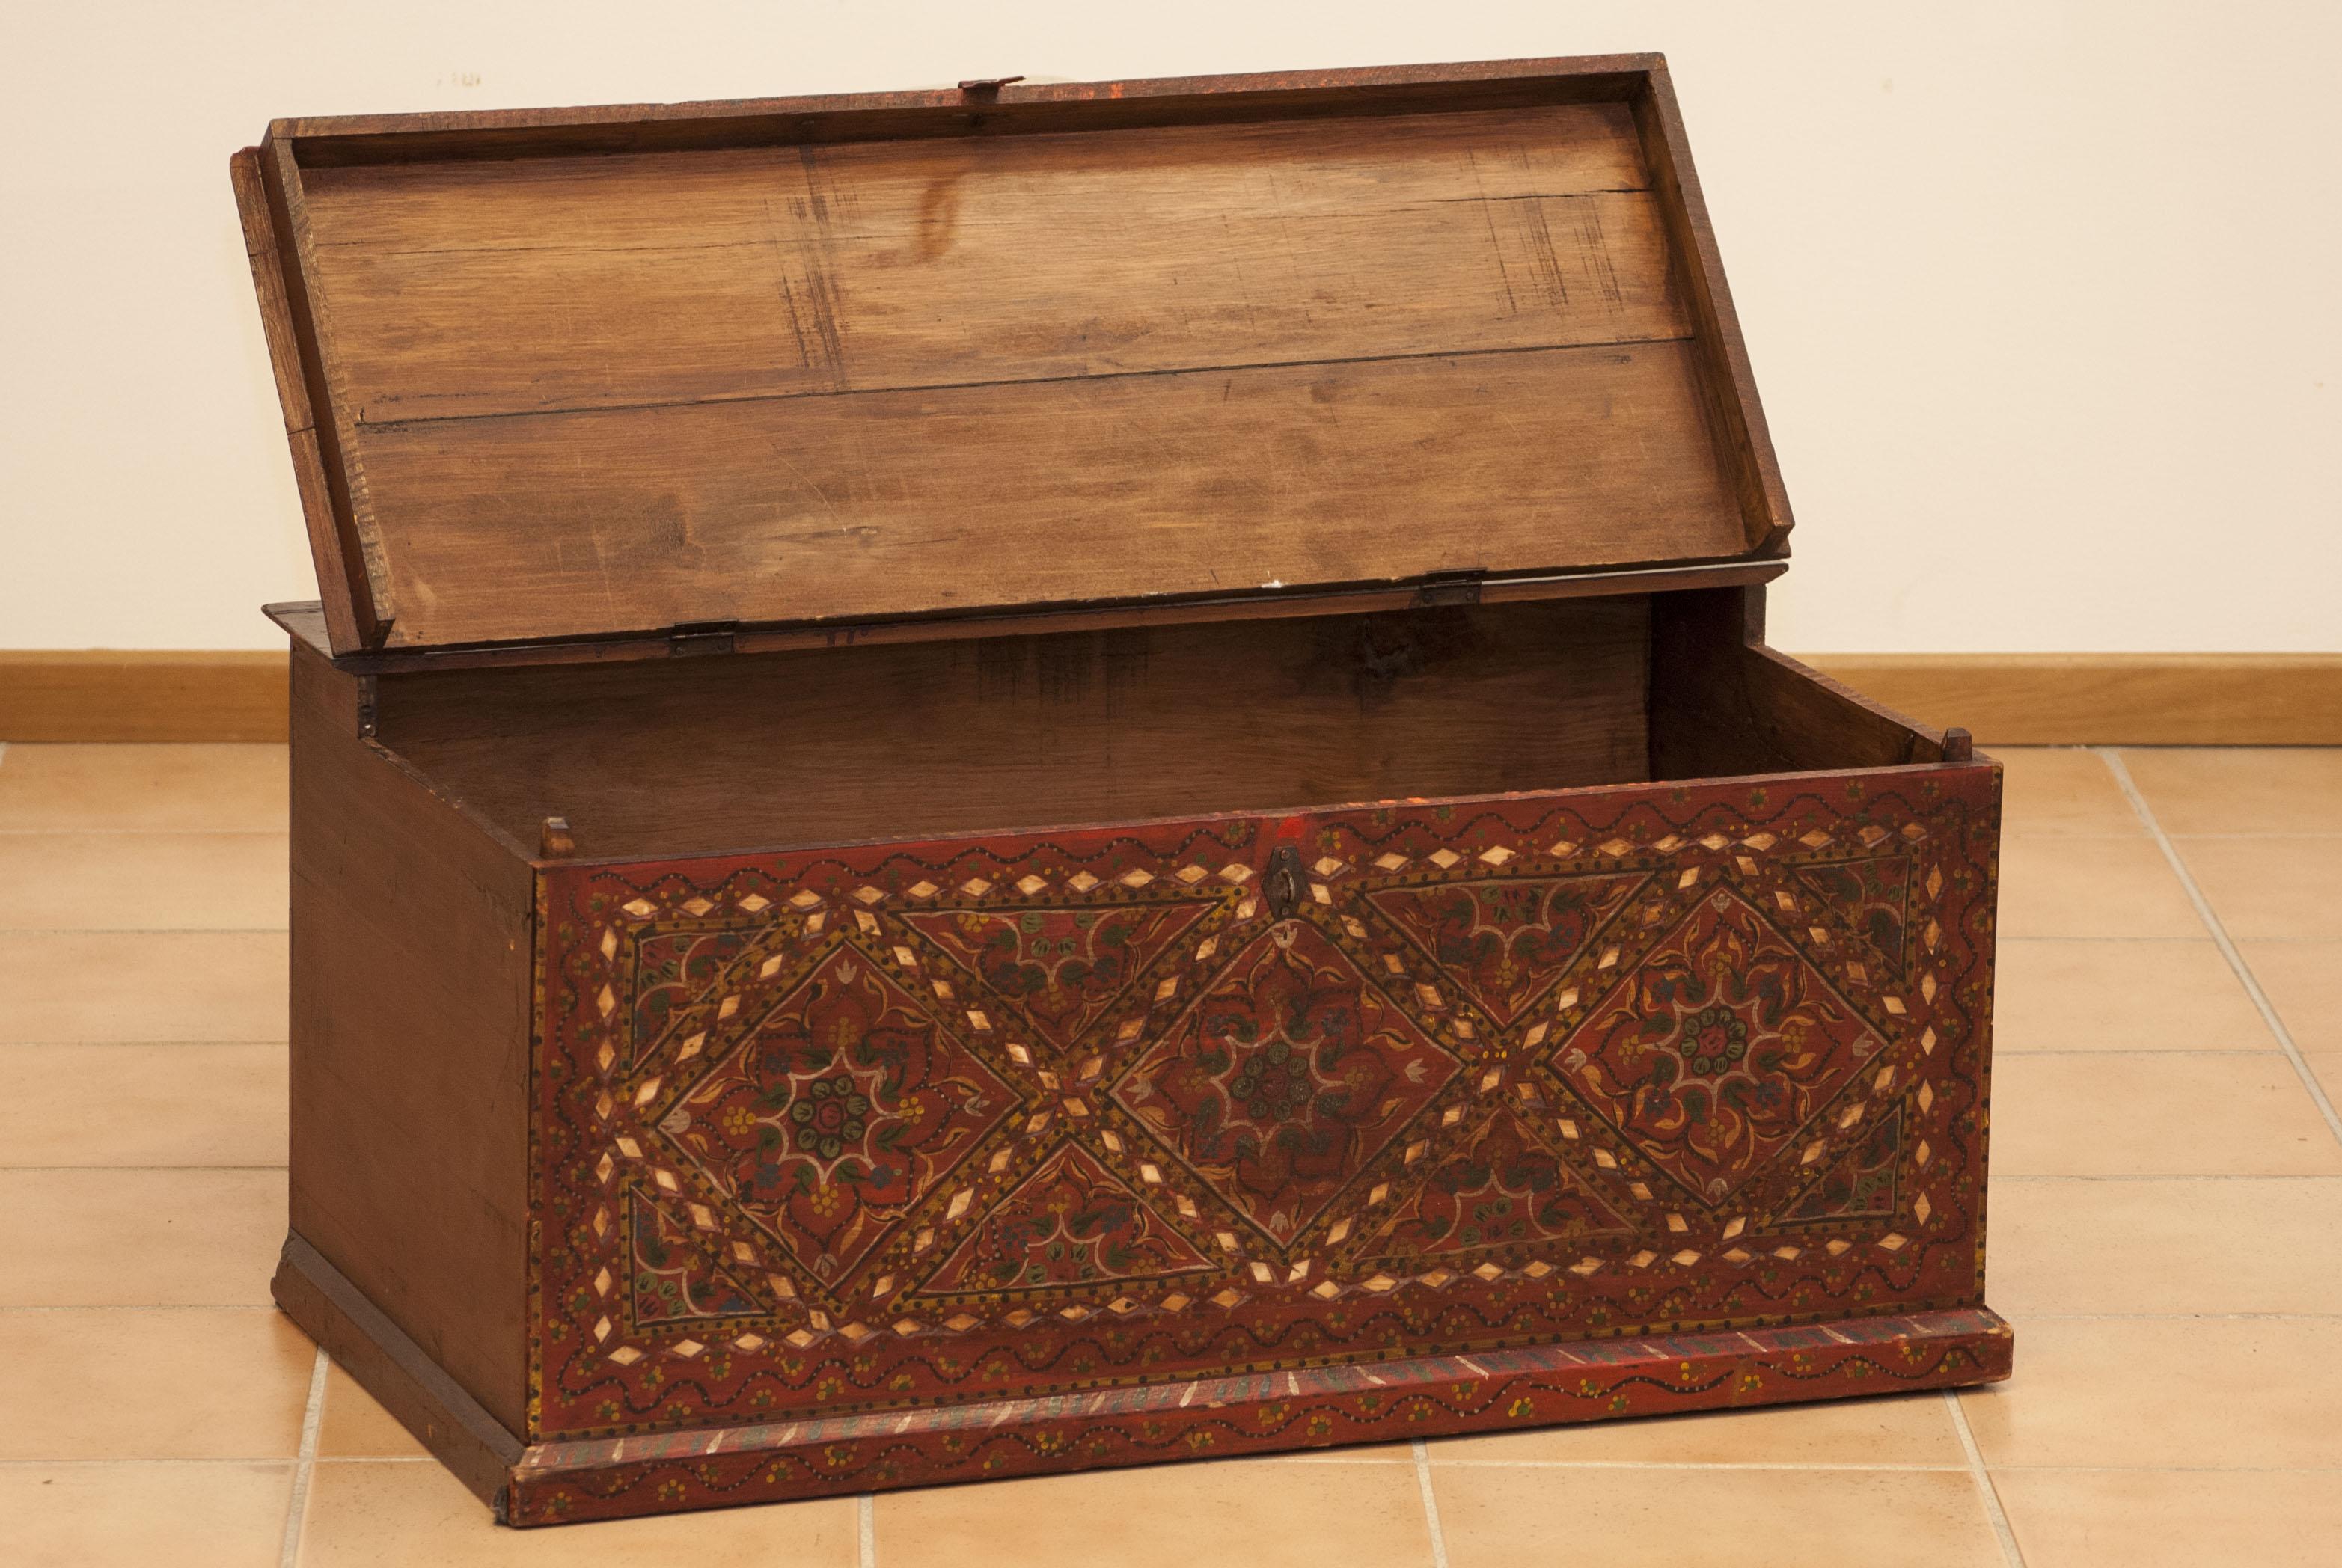 Annunci attrezzature di lavoro veneto vendita occasioni for Cassapanca usata